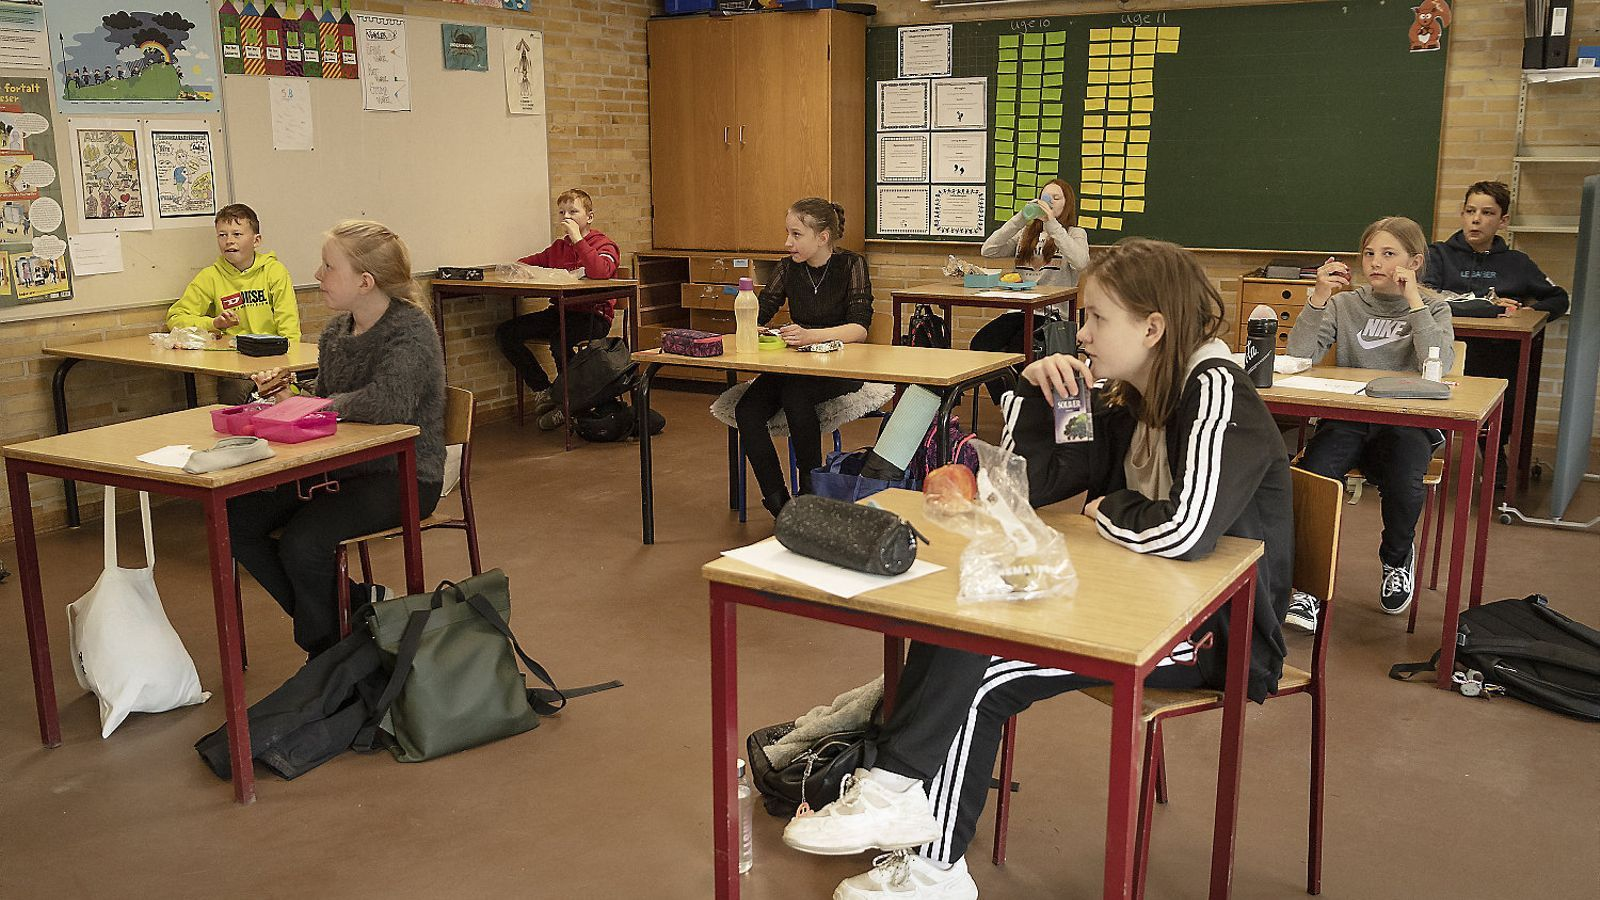 Les escoles de Dinamarca tornen  a una certa normalitat precovid